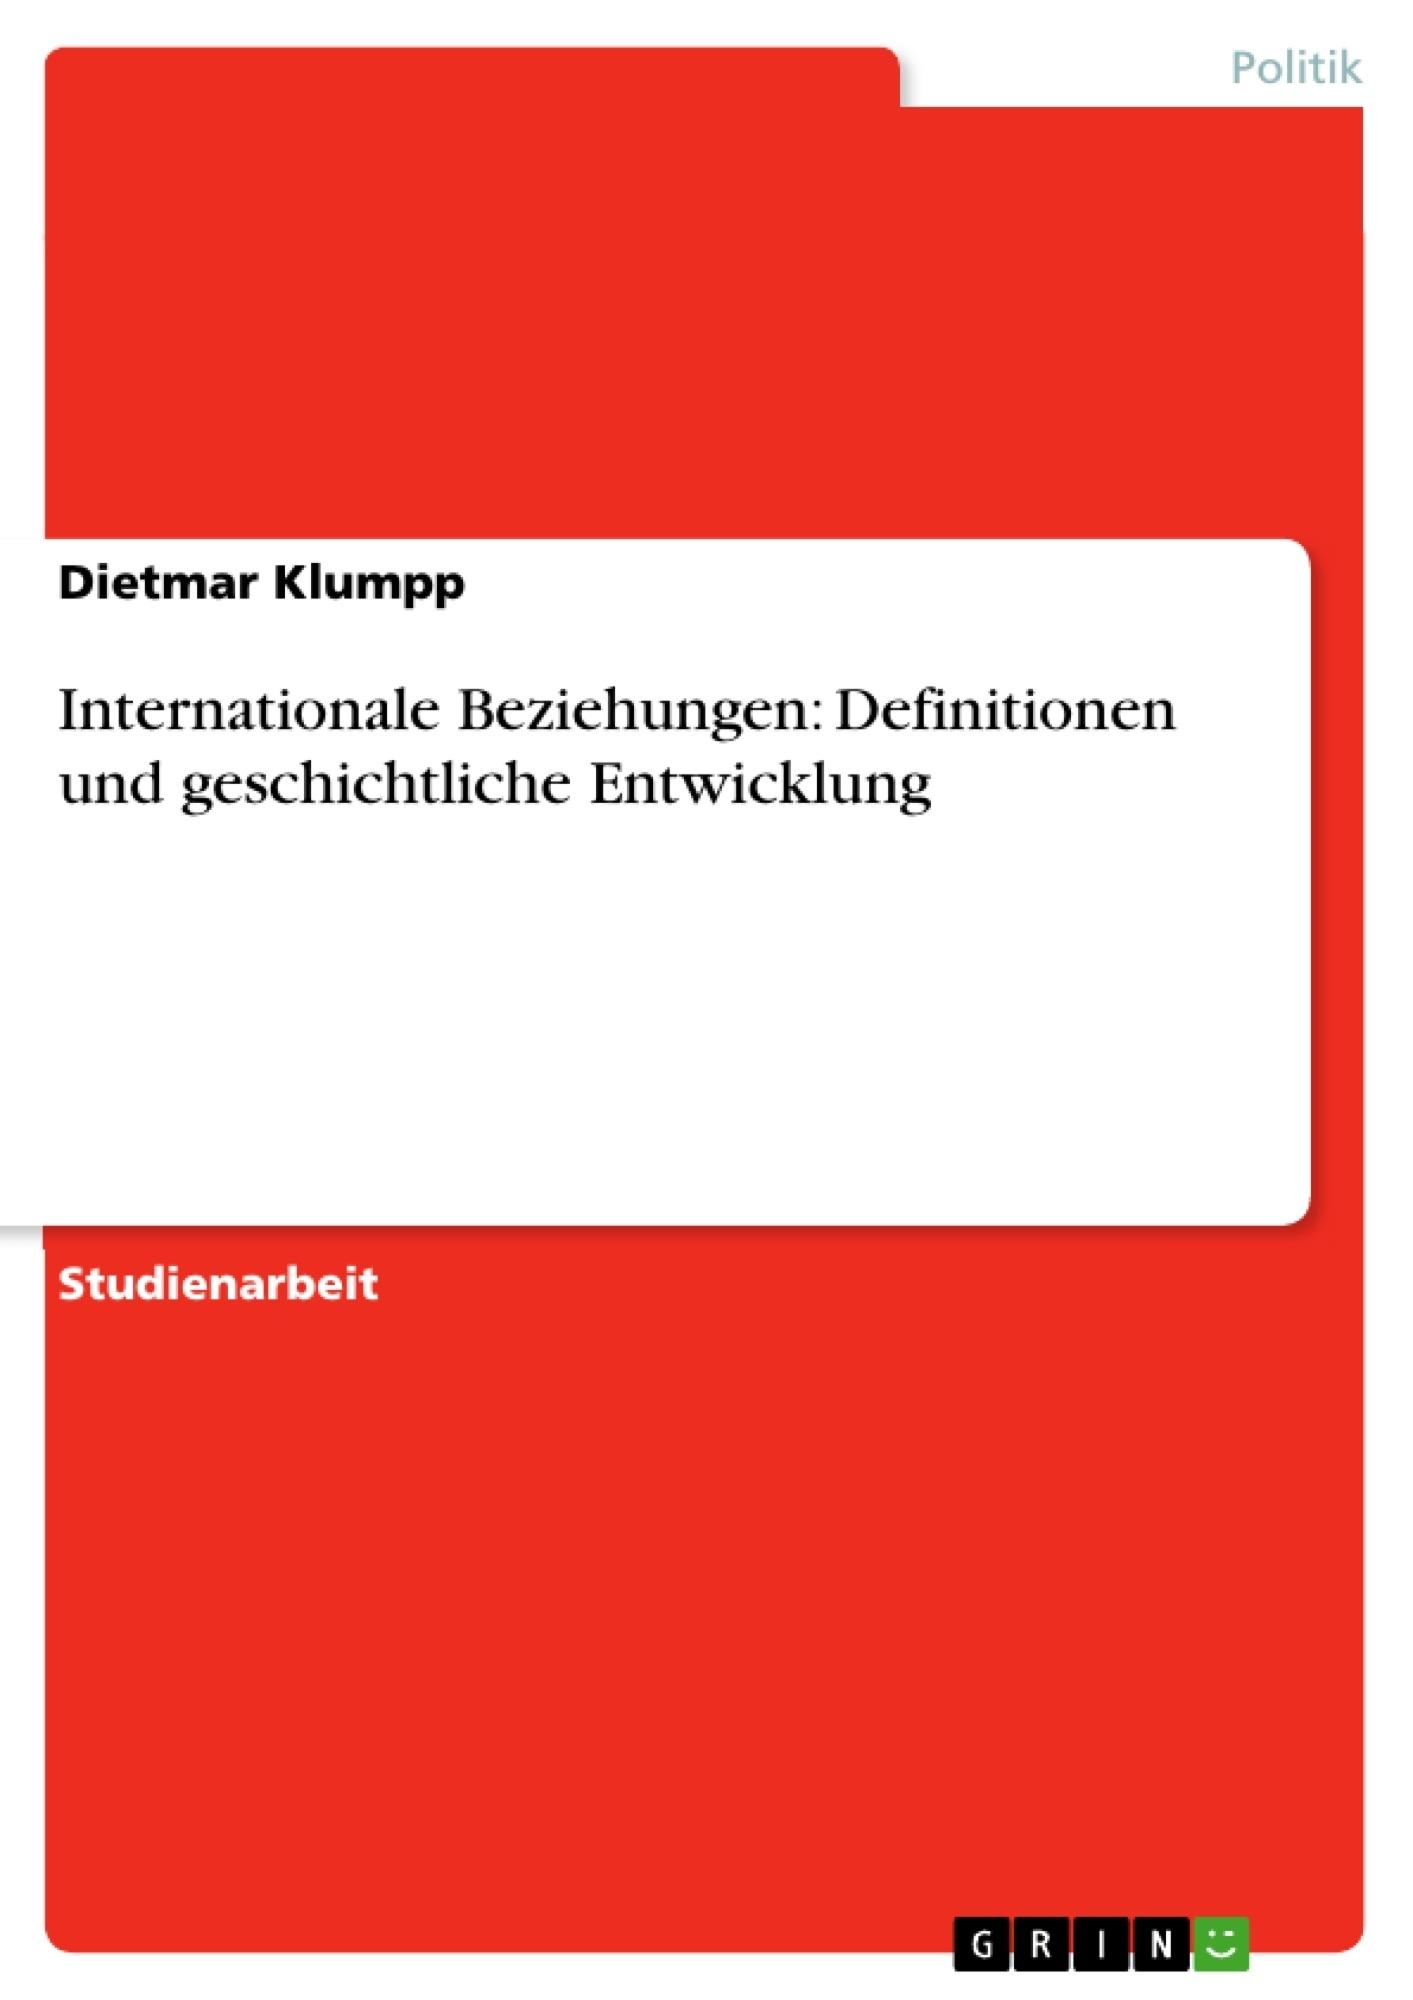 Titel: Internationale Beziehungen: Definitionen und geschichtliche Entwicklung